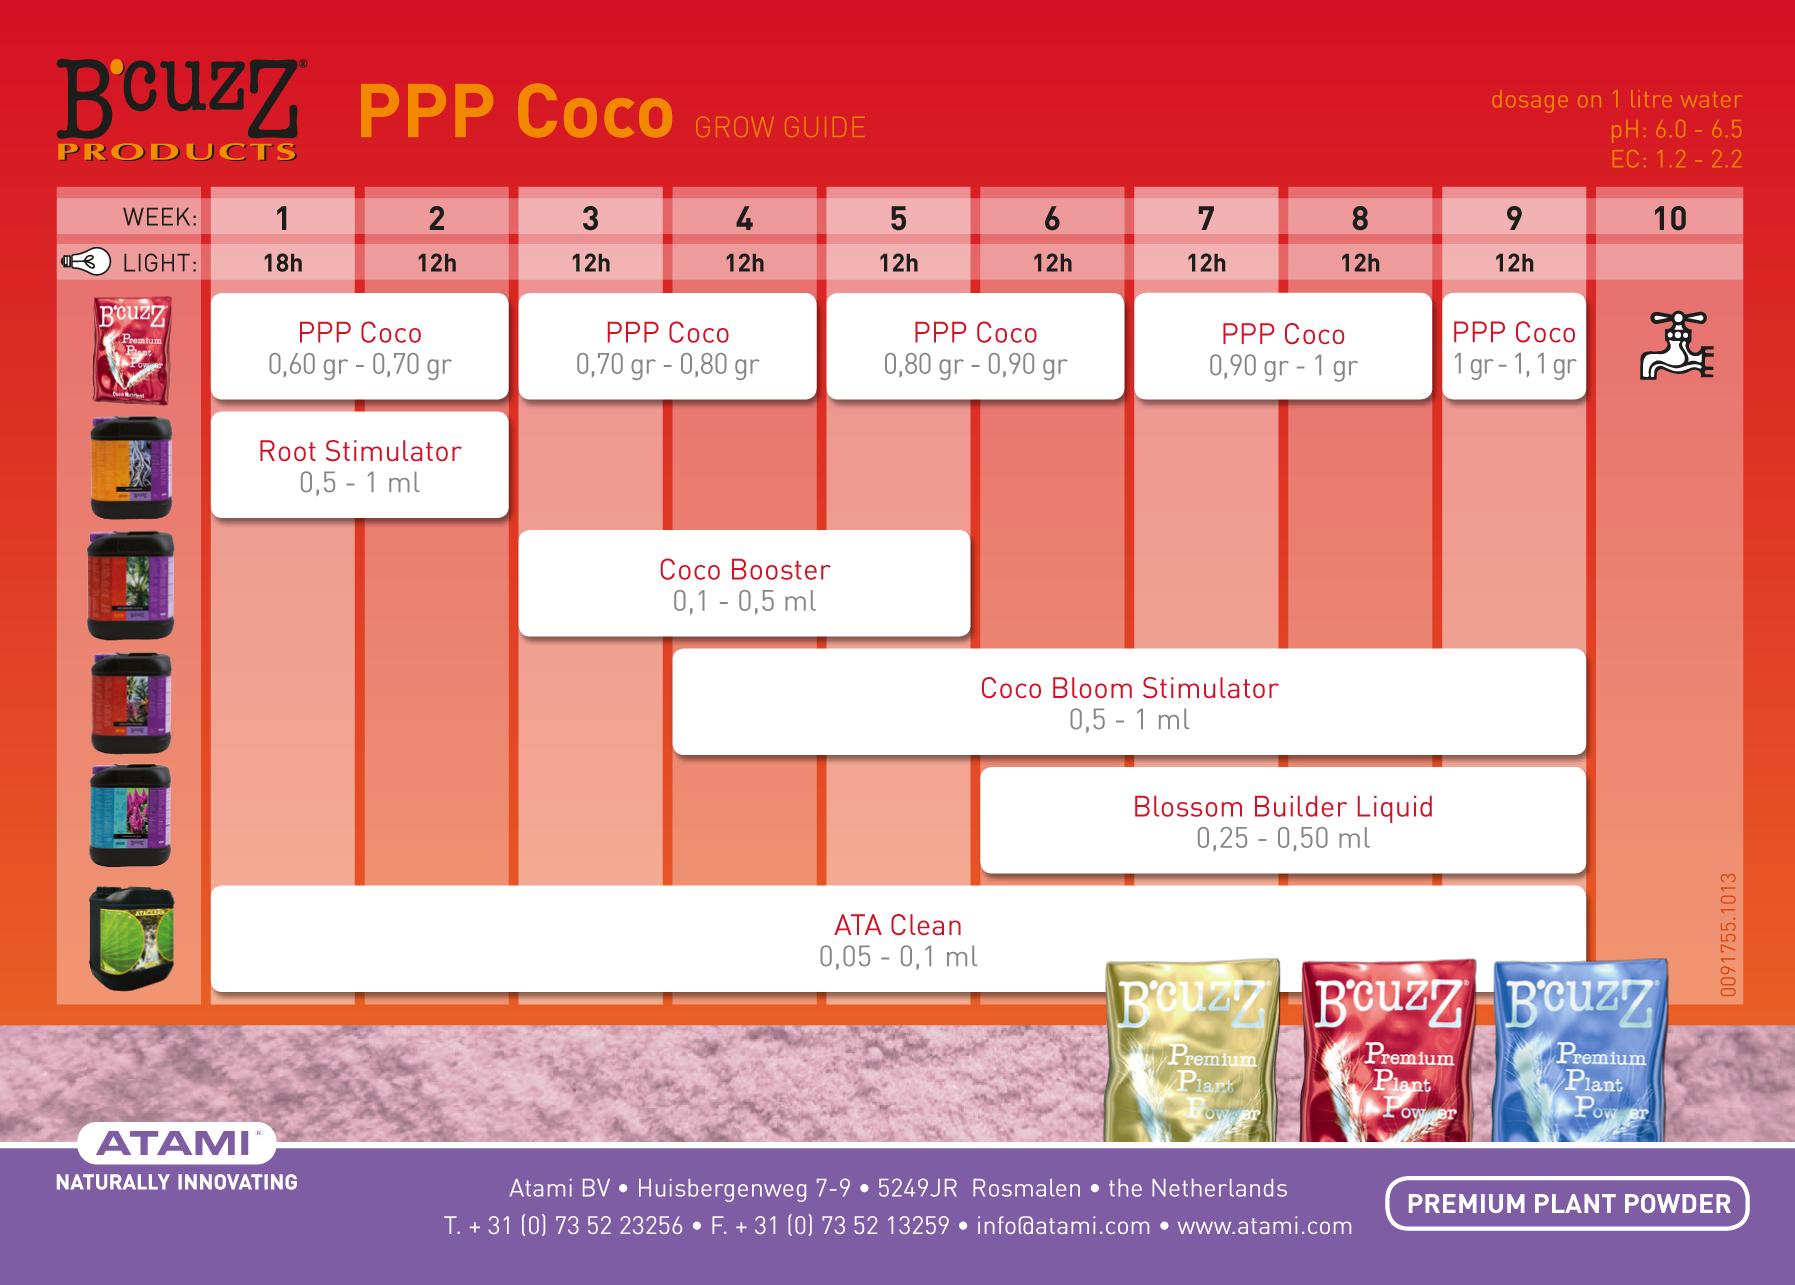 B'cuzz Premium Plant Powder Coco (сухое удобрение для выращивания в кокогрунте)